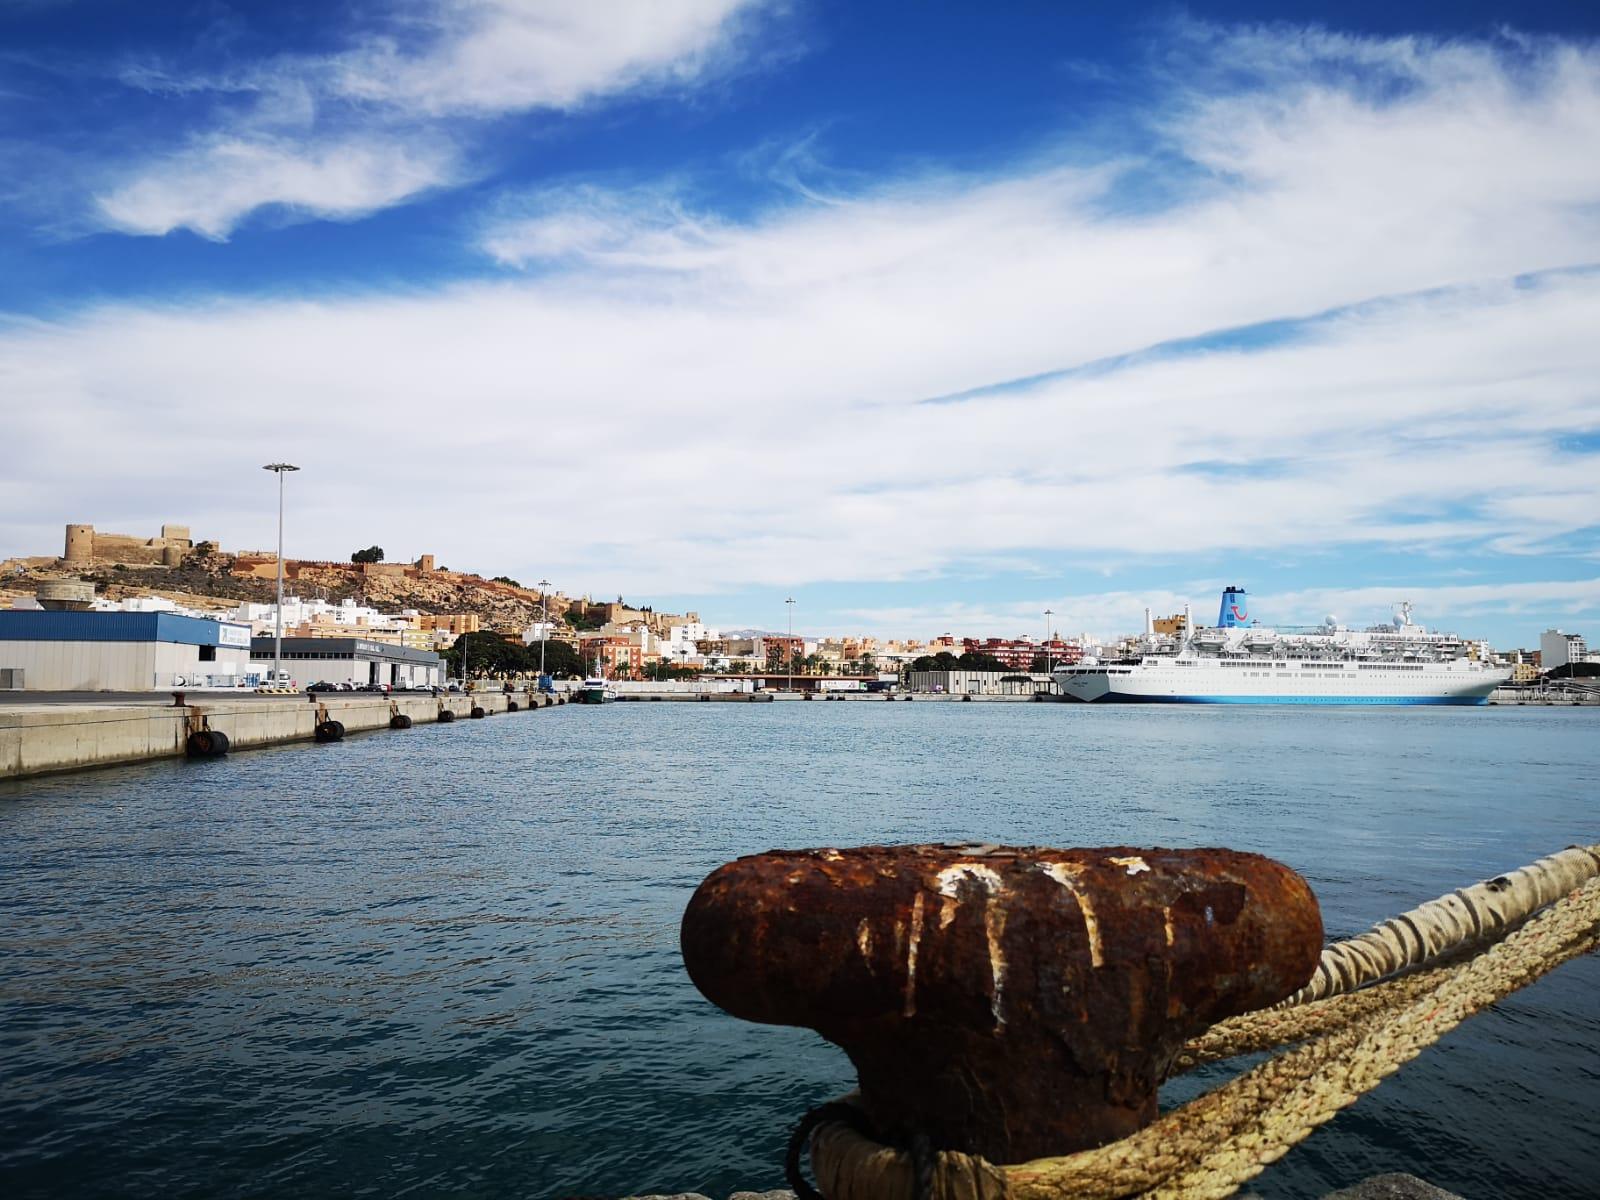 España: Crucero Marella Spirit arriba al Puerto de Almería tras cancelar escala en Portugal